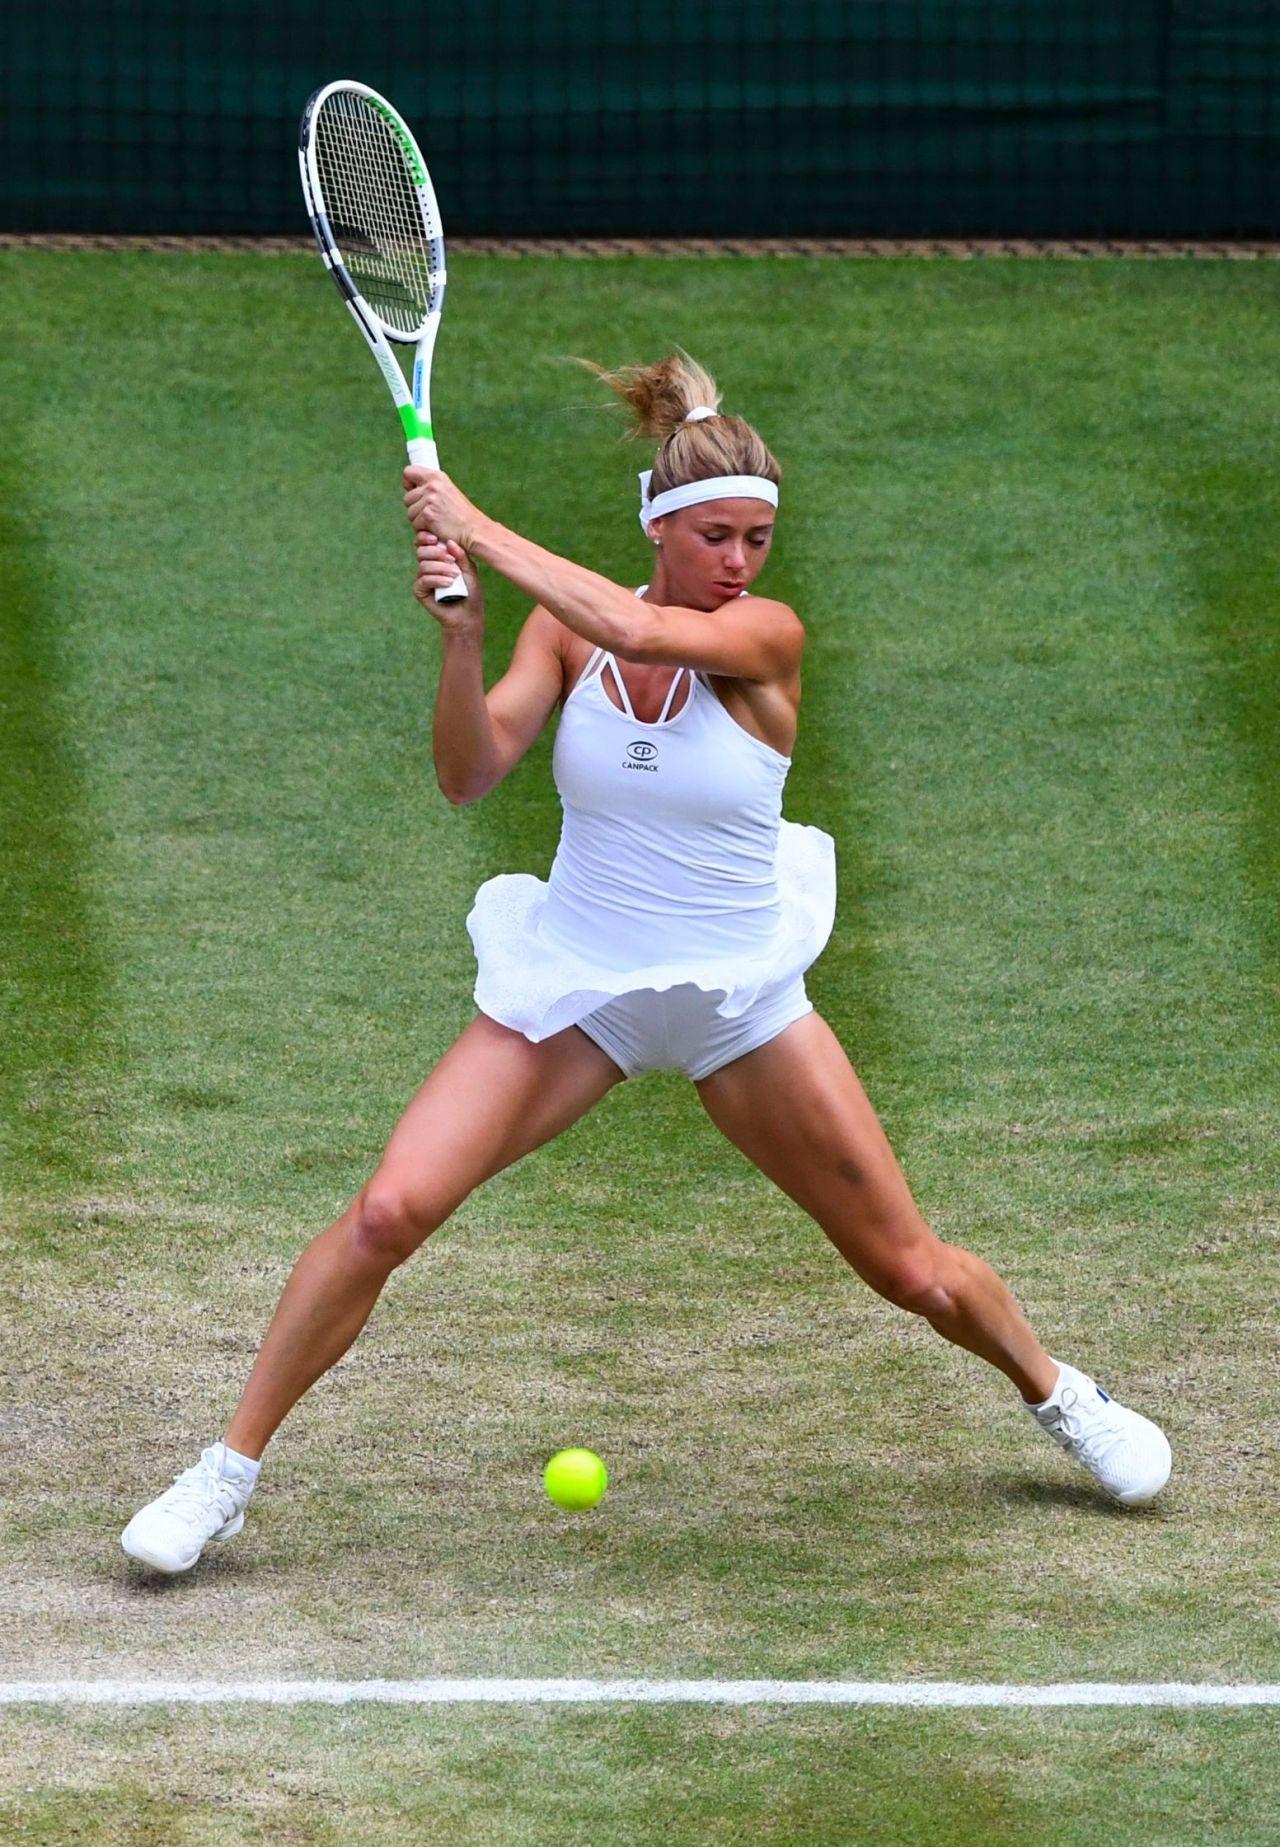 Tennis Giorgi